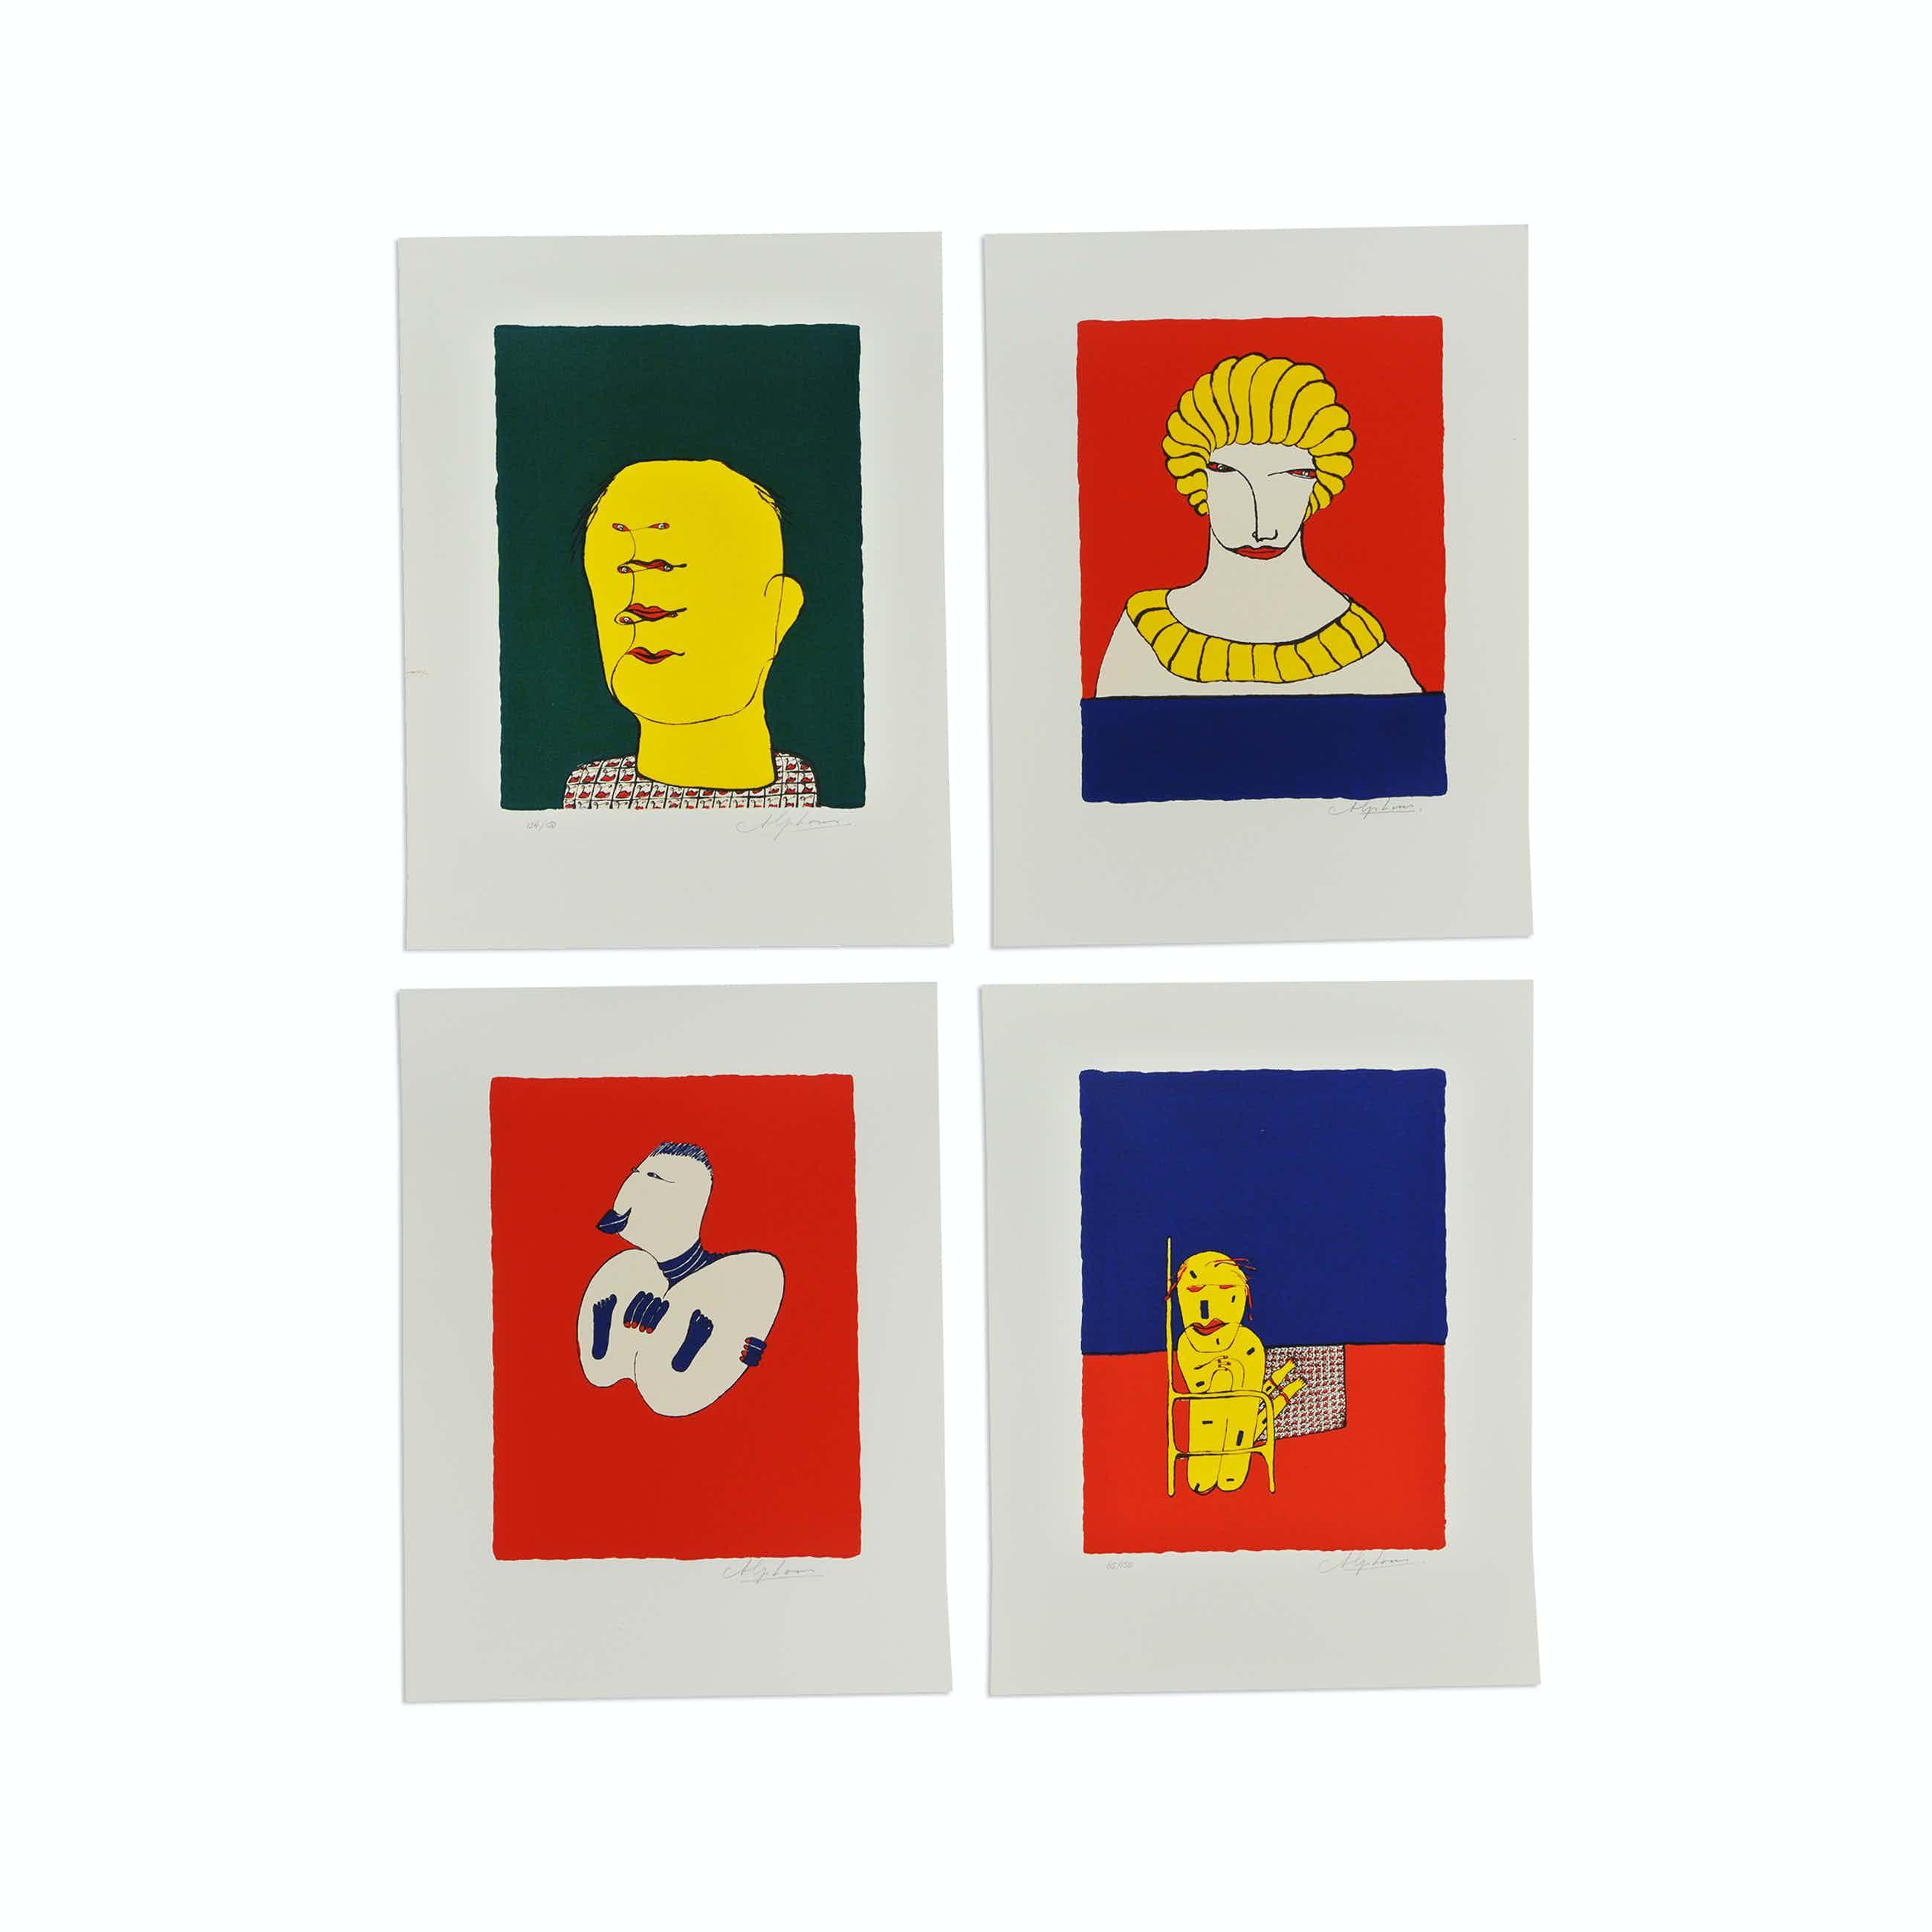 Alphons van Leeuwen - Serie van 4 zeefdrukken: Portret, Dame, Eitje, Avondgebed kopen? Bied vanaf 100!